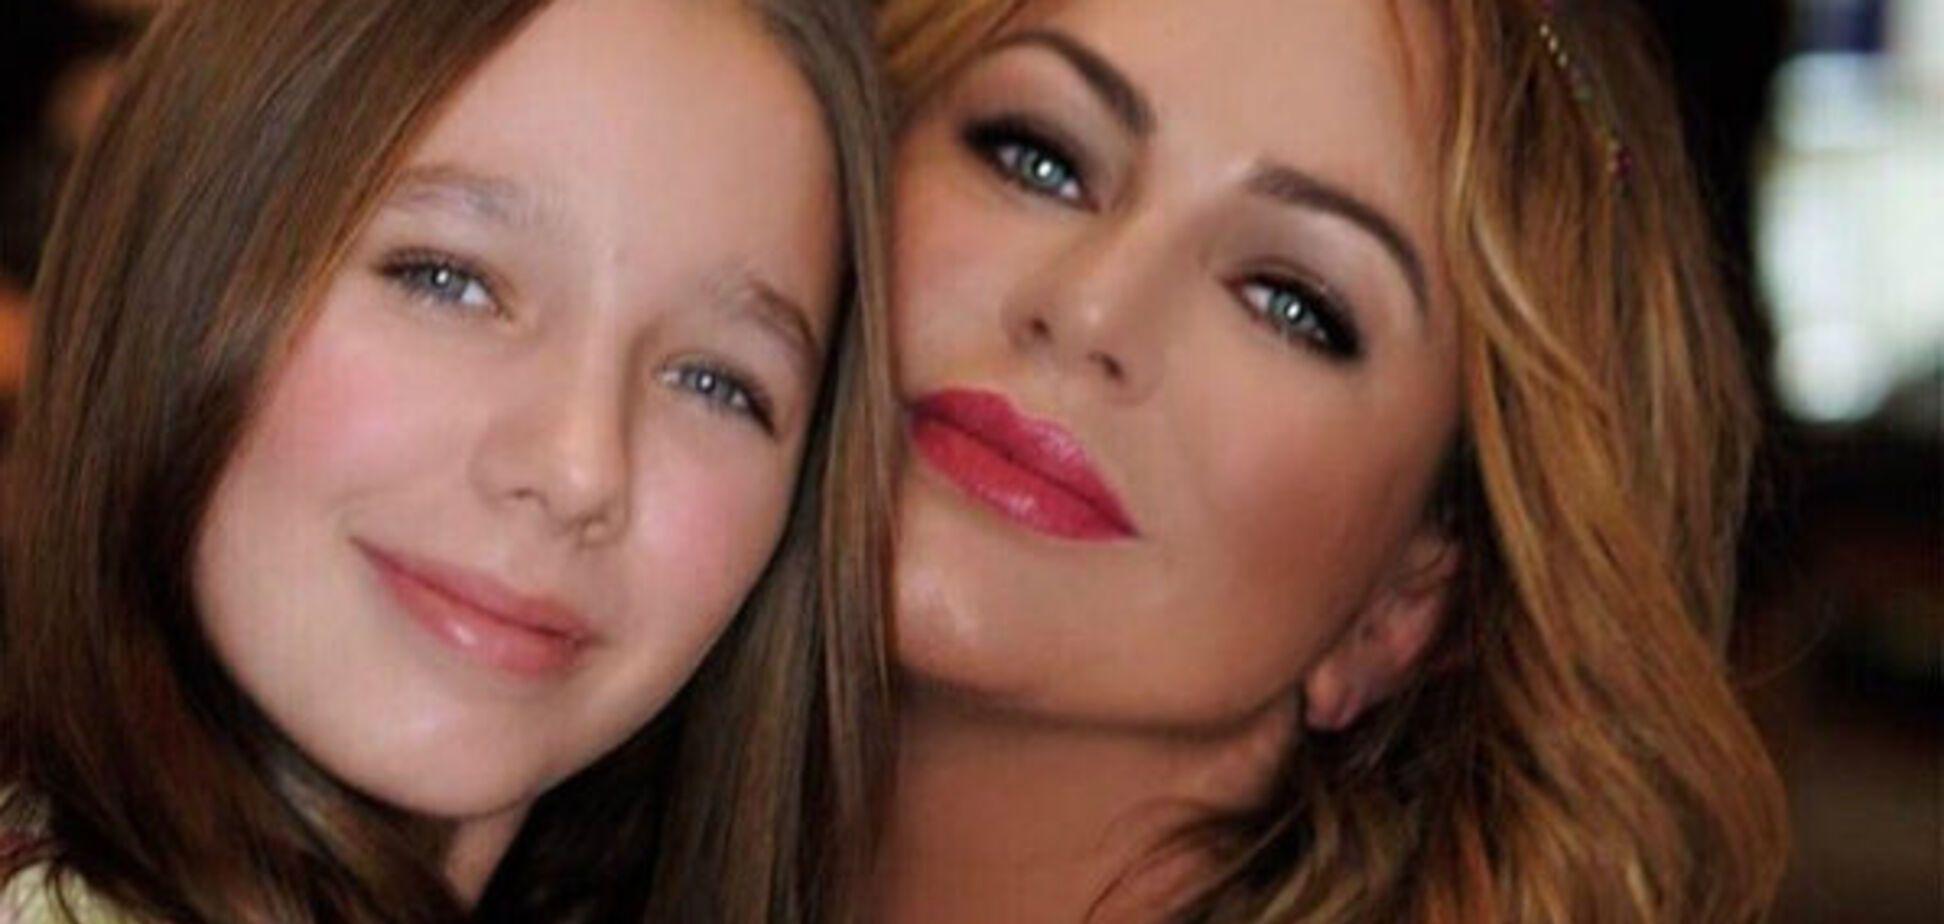 Повзрослевшая дочь Началовой стала копией певицы: как выглядит 13-летняя девочка